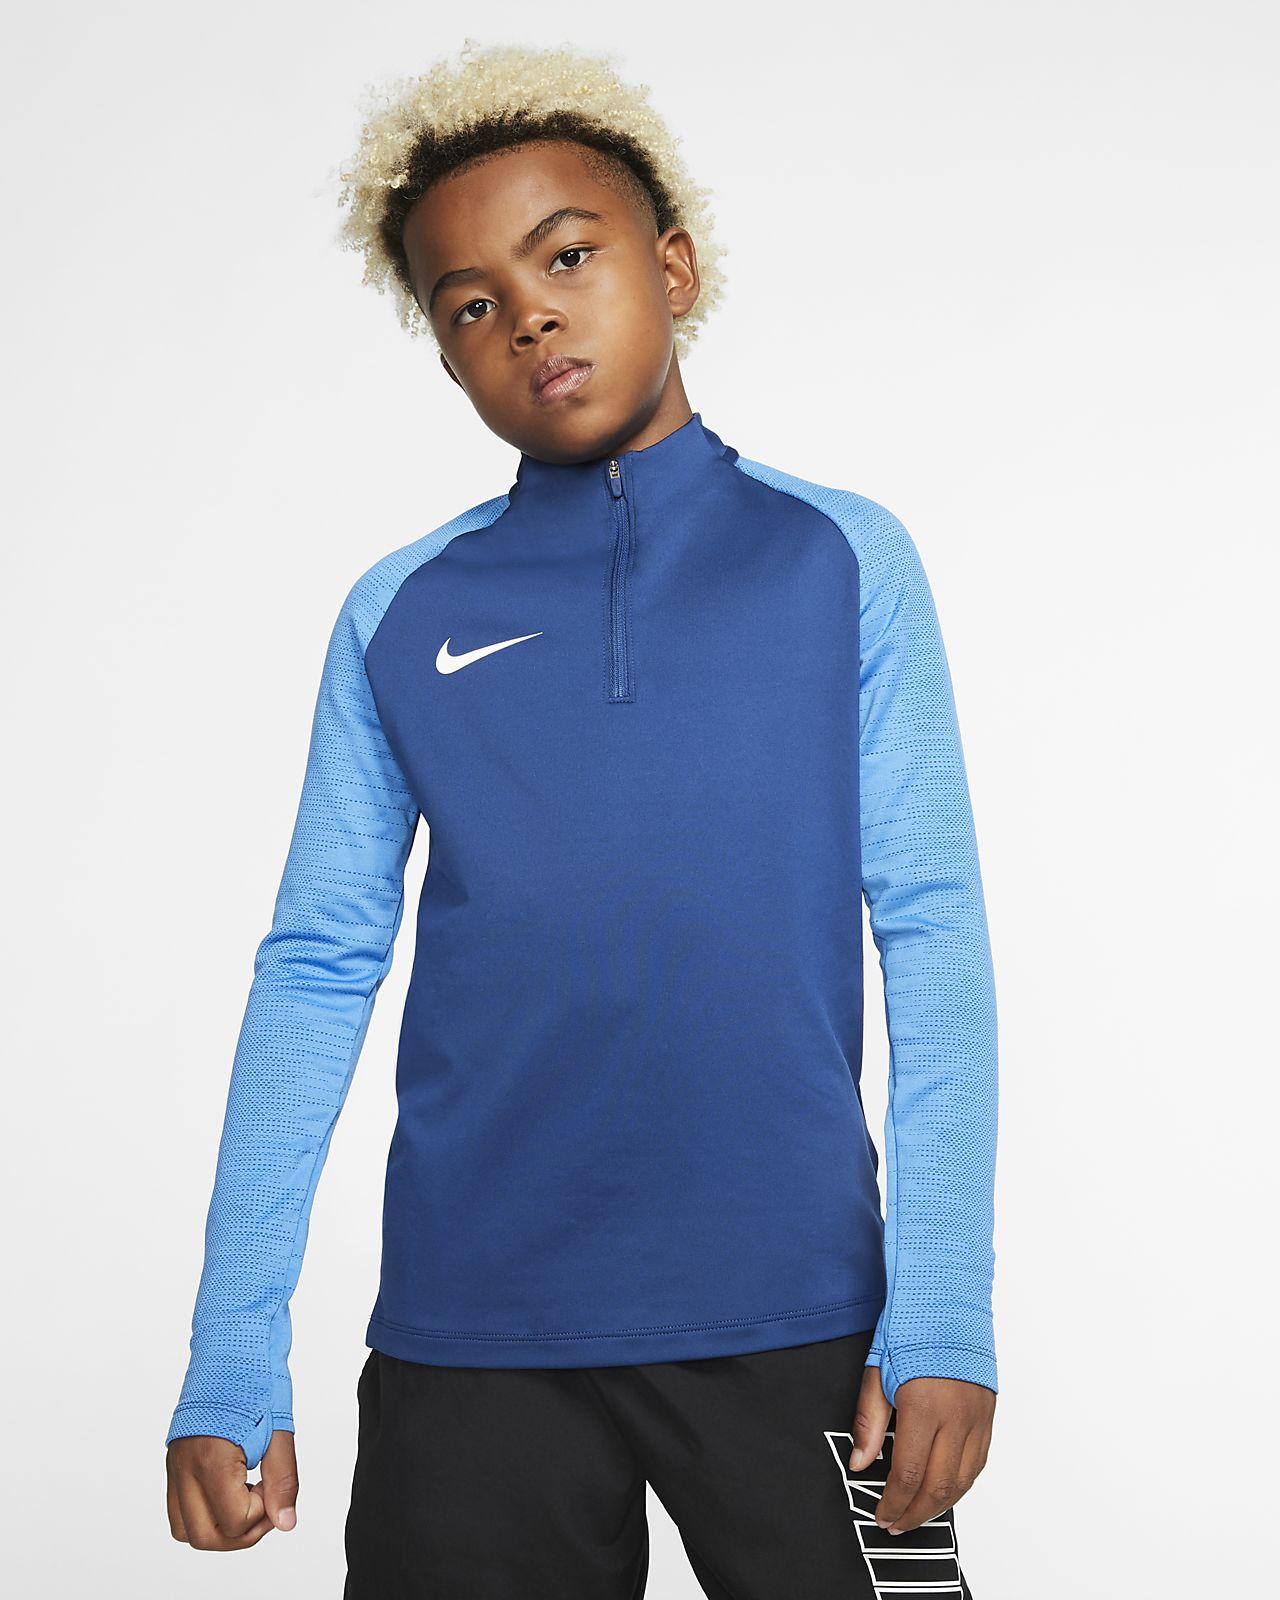 Nike Dri-FIT Strike Voetbaltrainingstop voor kids